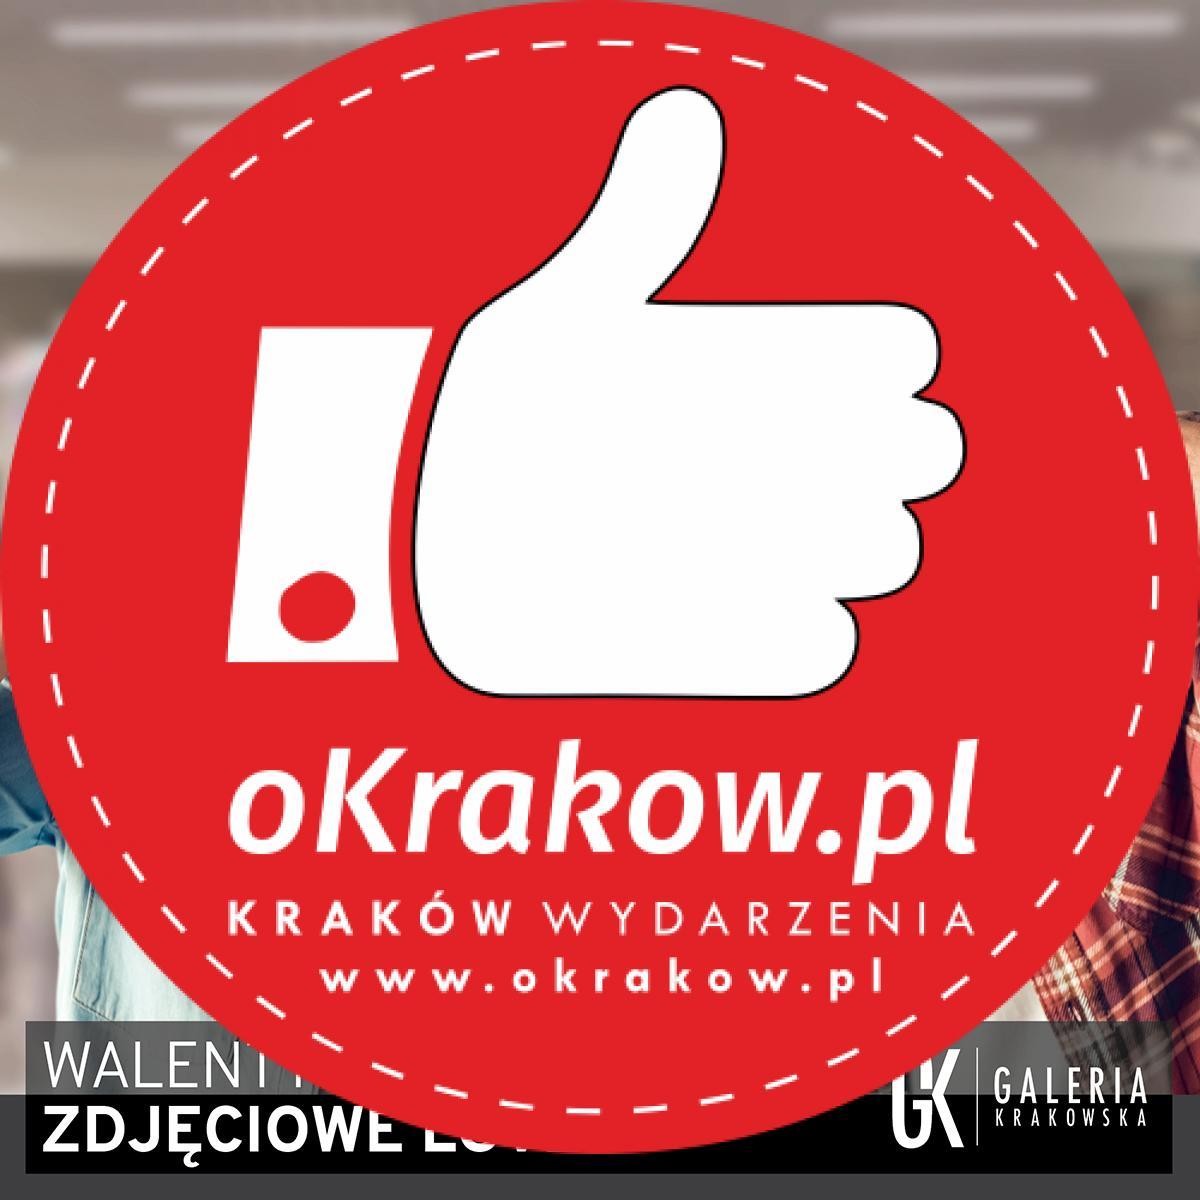 Zdjeciowe Love GK - Zdjęciowe Love w Galerii Krakowskiej